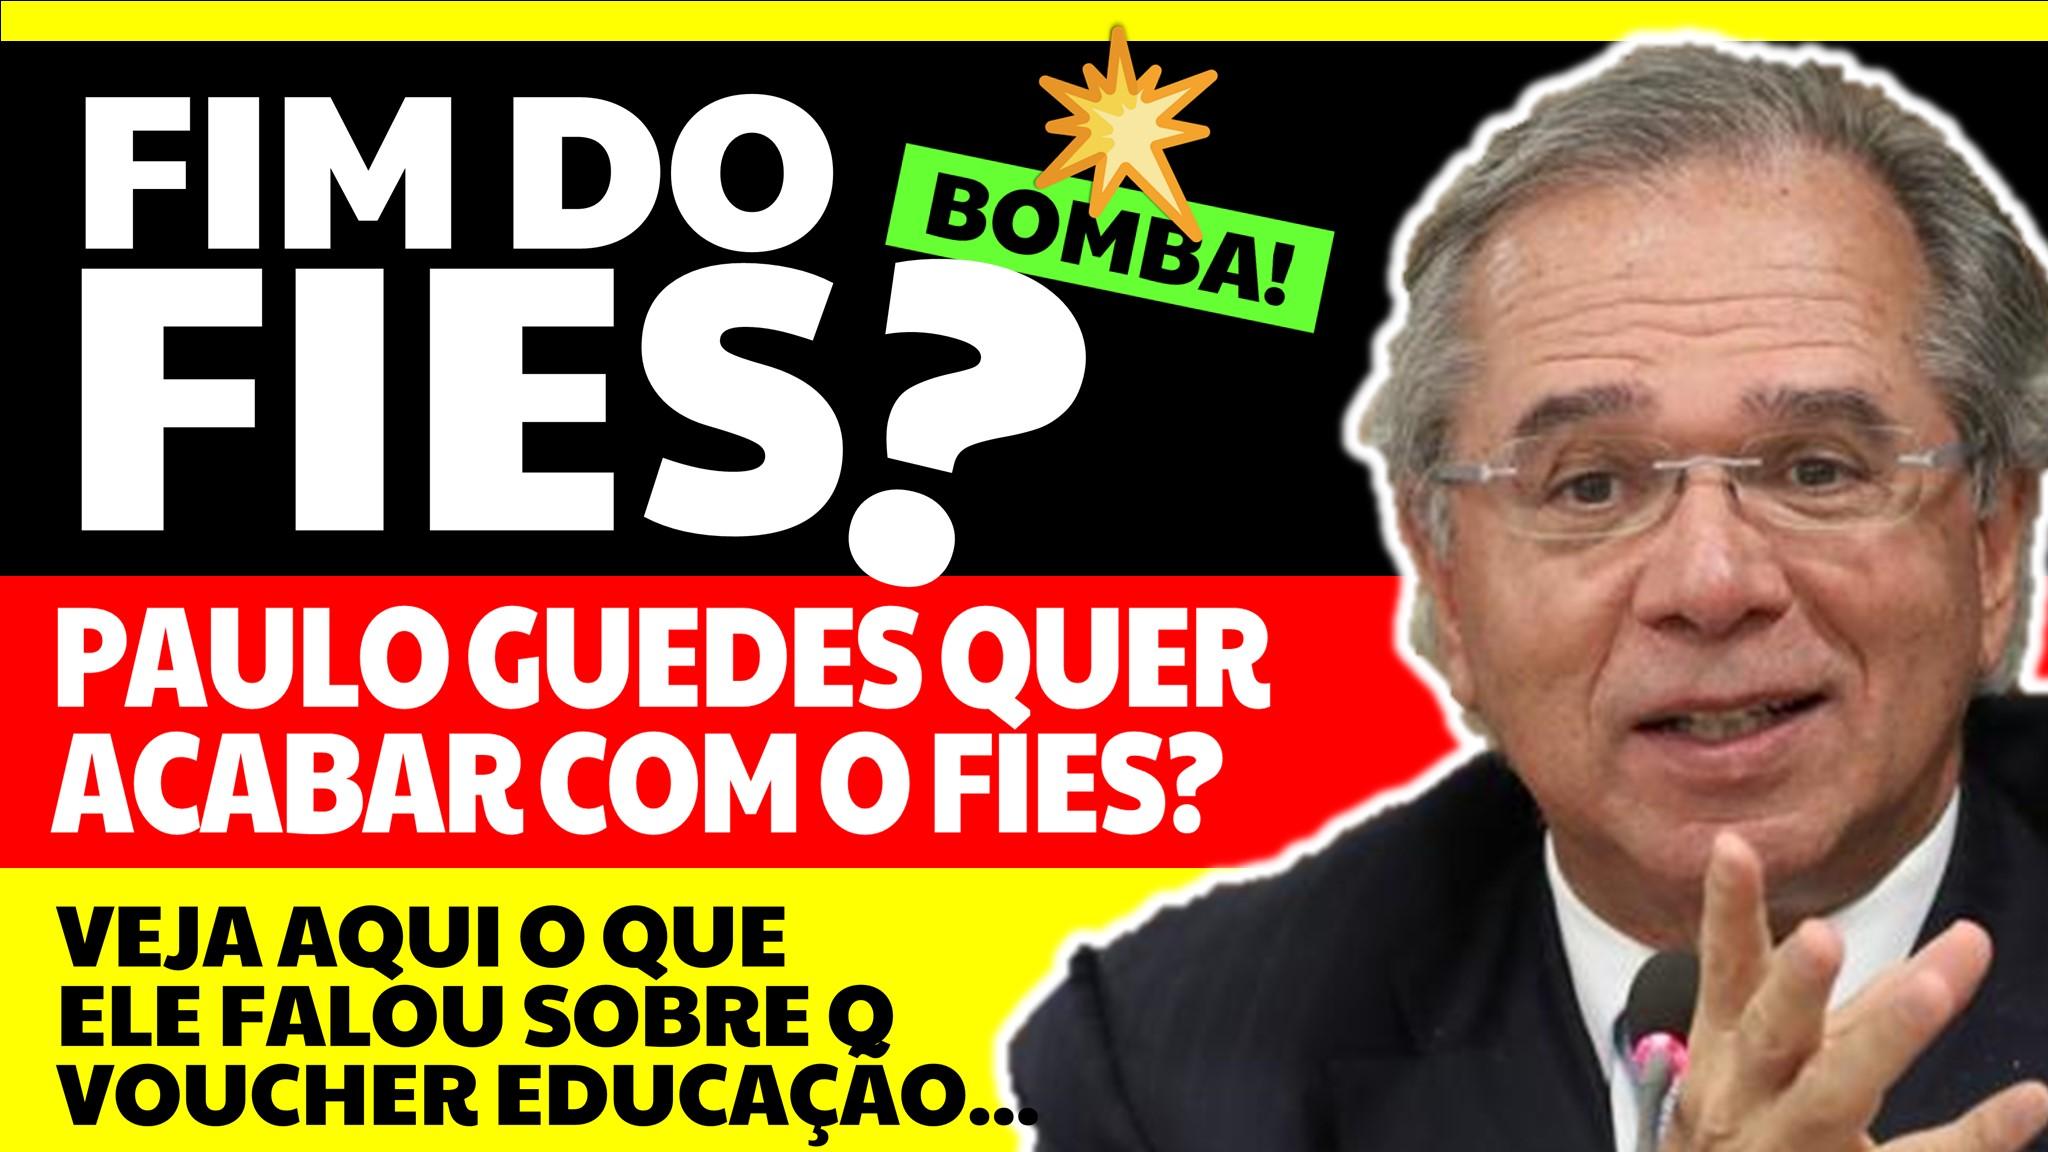 O FIES vai acabar? Paulo Guedes fala sobre Voucher Educação